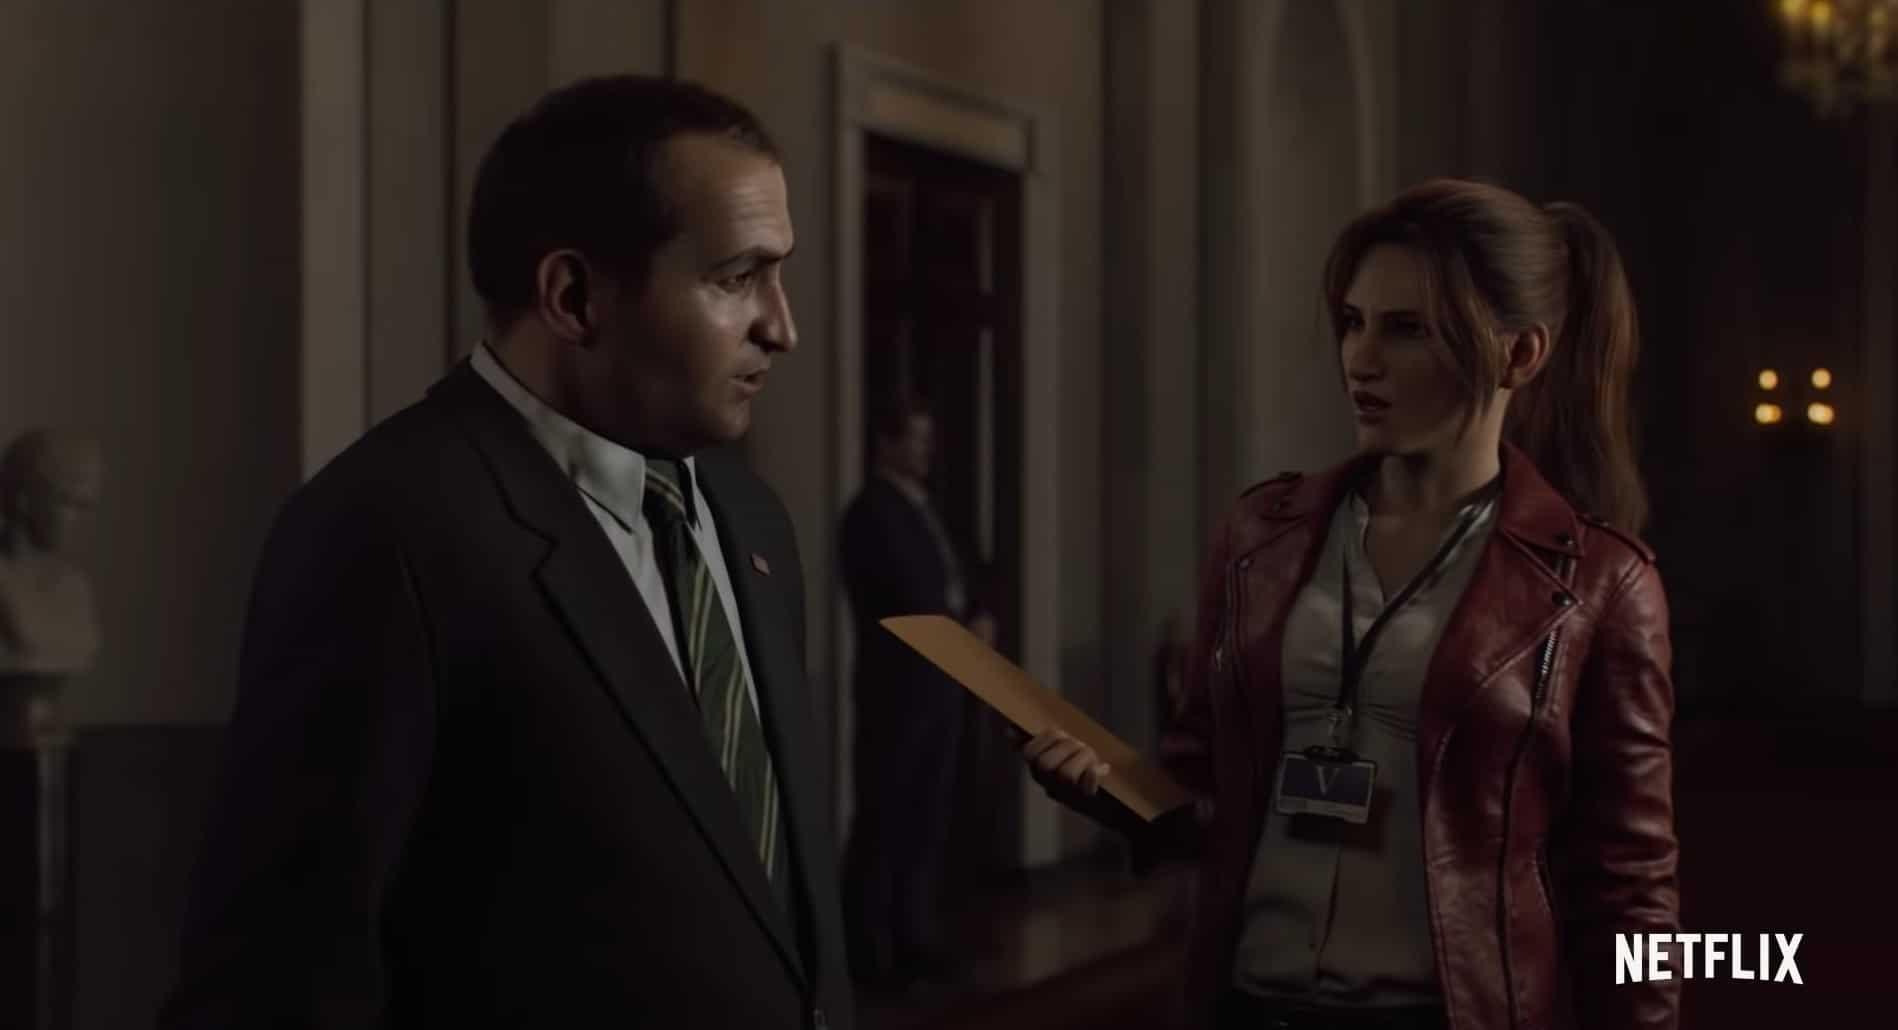 Claire Redfield probeert antwoorden te krijgen van het Witte Huis in de nieuwe Netflix serie Resident Evil: Infinite Darkness